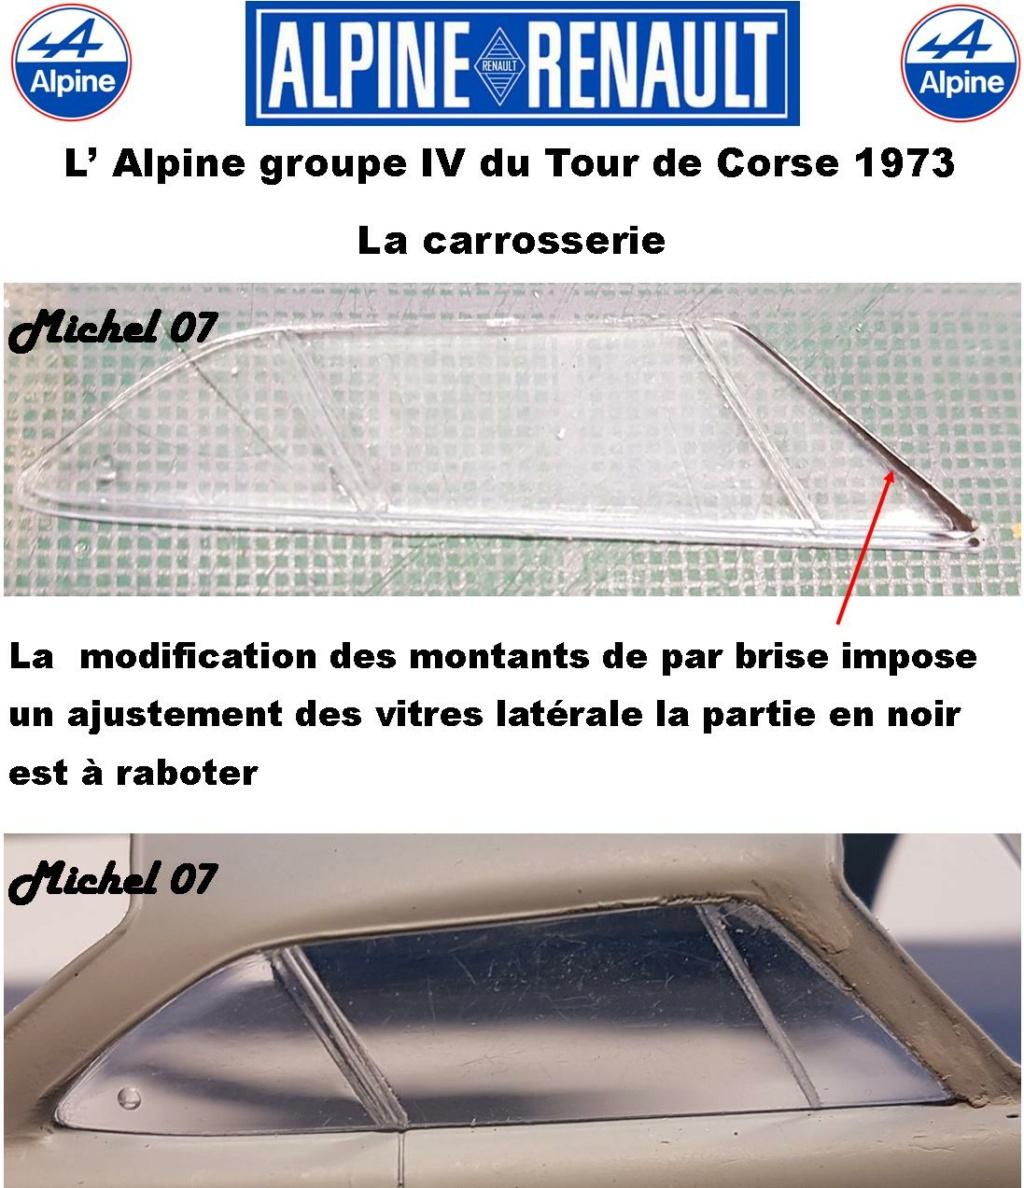 Fil rouge 2021 * Alpine A110 Groupe IV Tour de Corse 1973  1/24 Heller 80745  - Page 2 1815